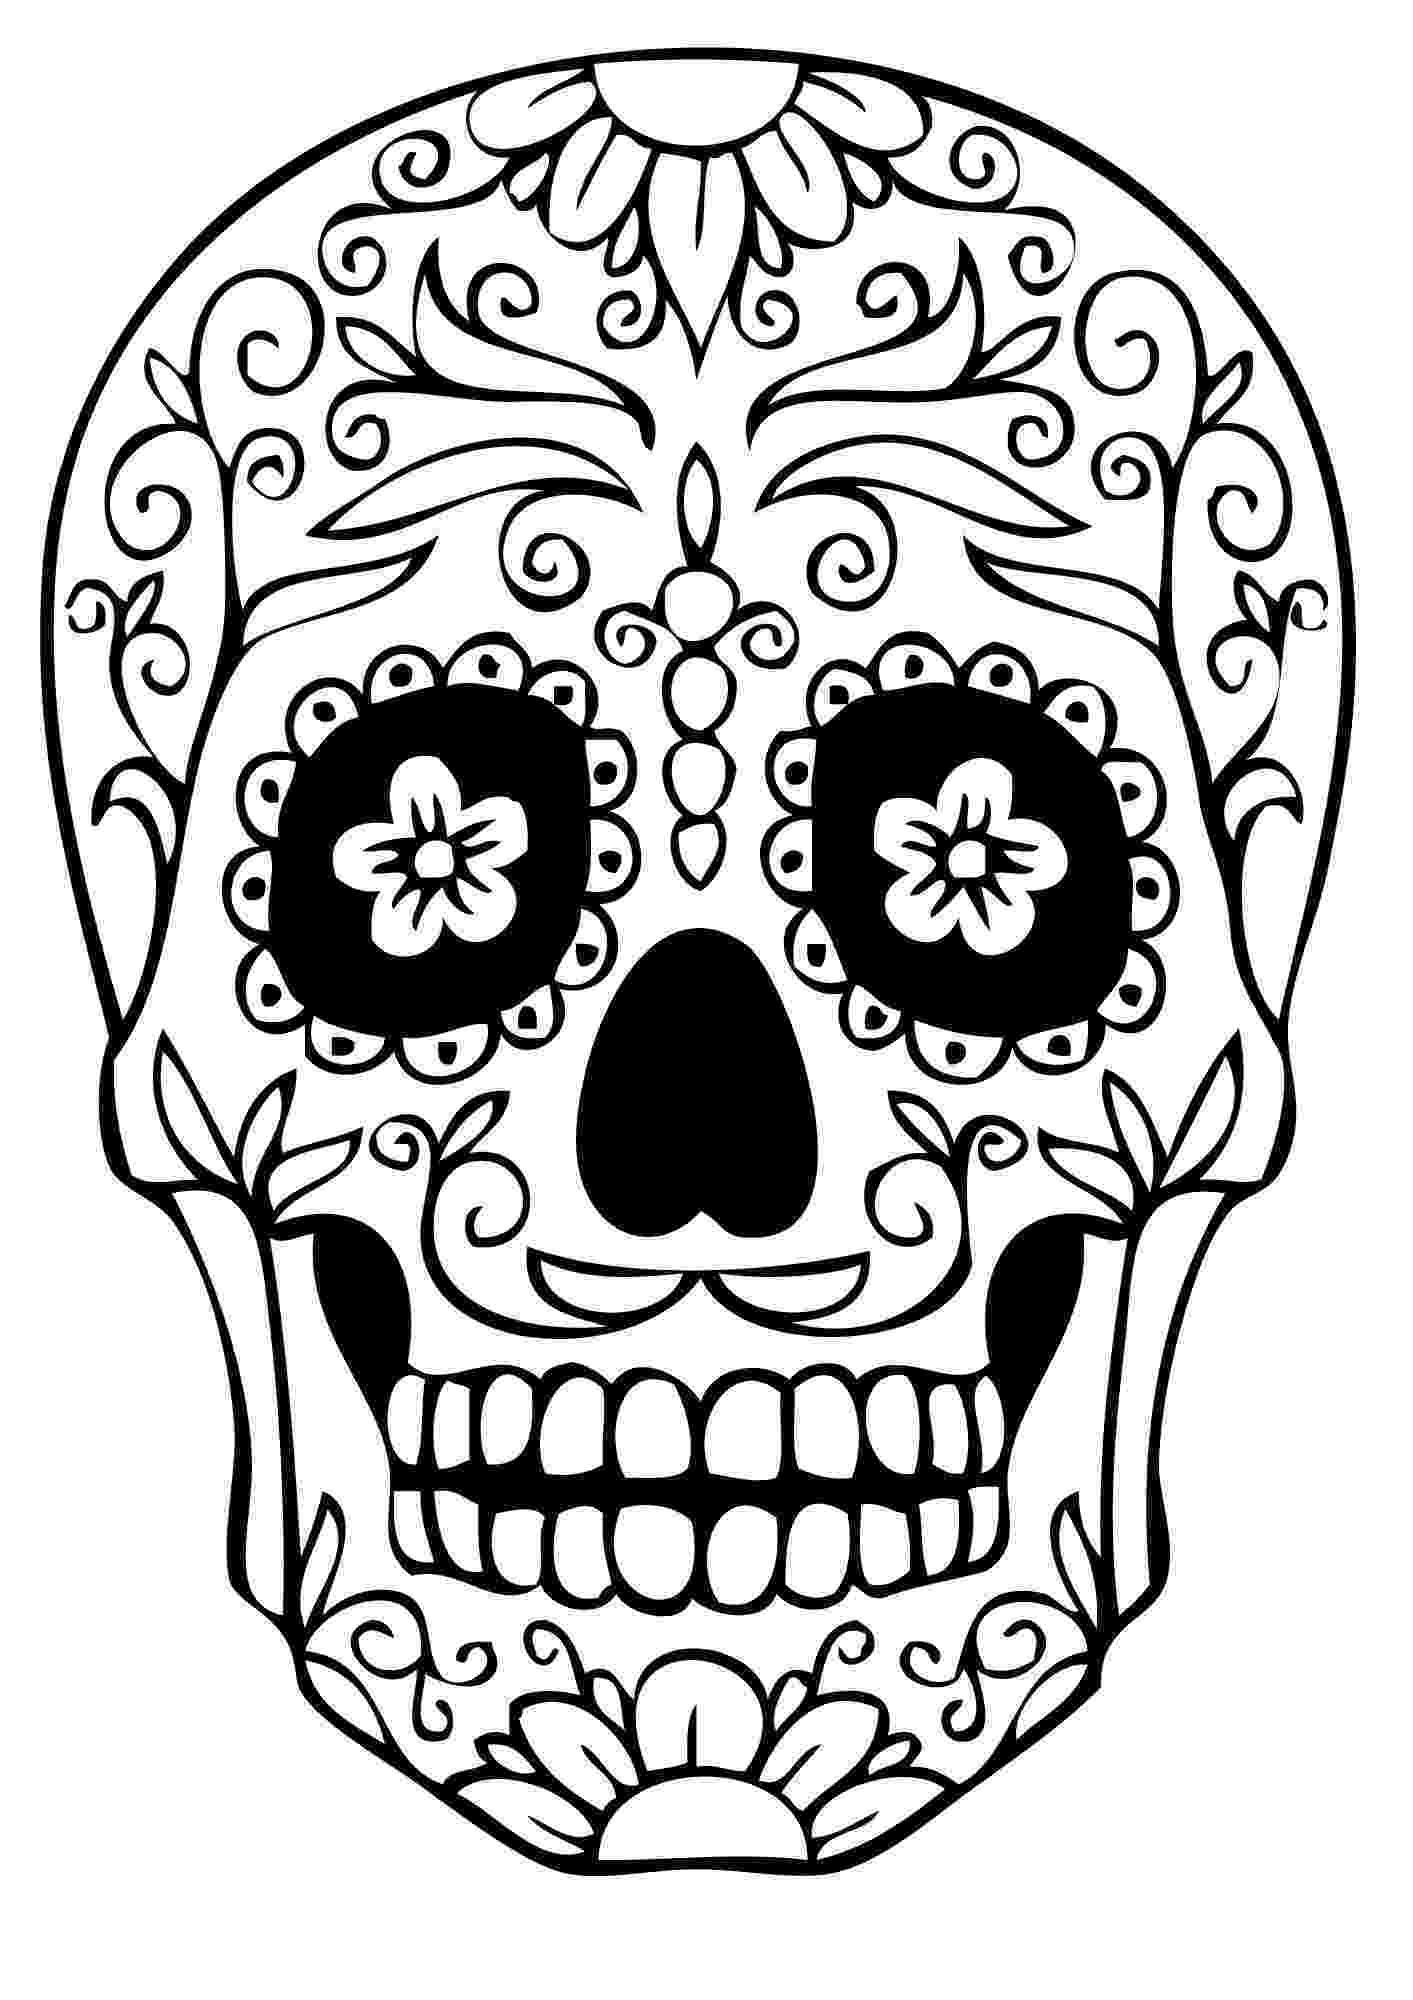 pics of sugar skulls print download sugar skull coloring pages to have pics of sugar skulls